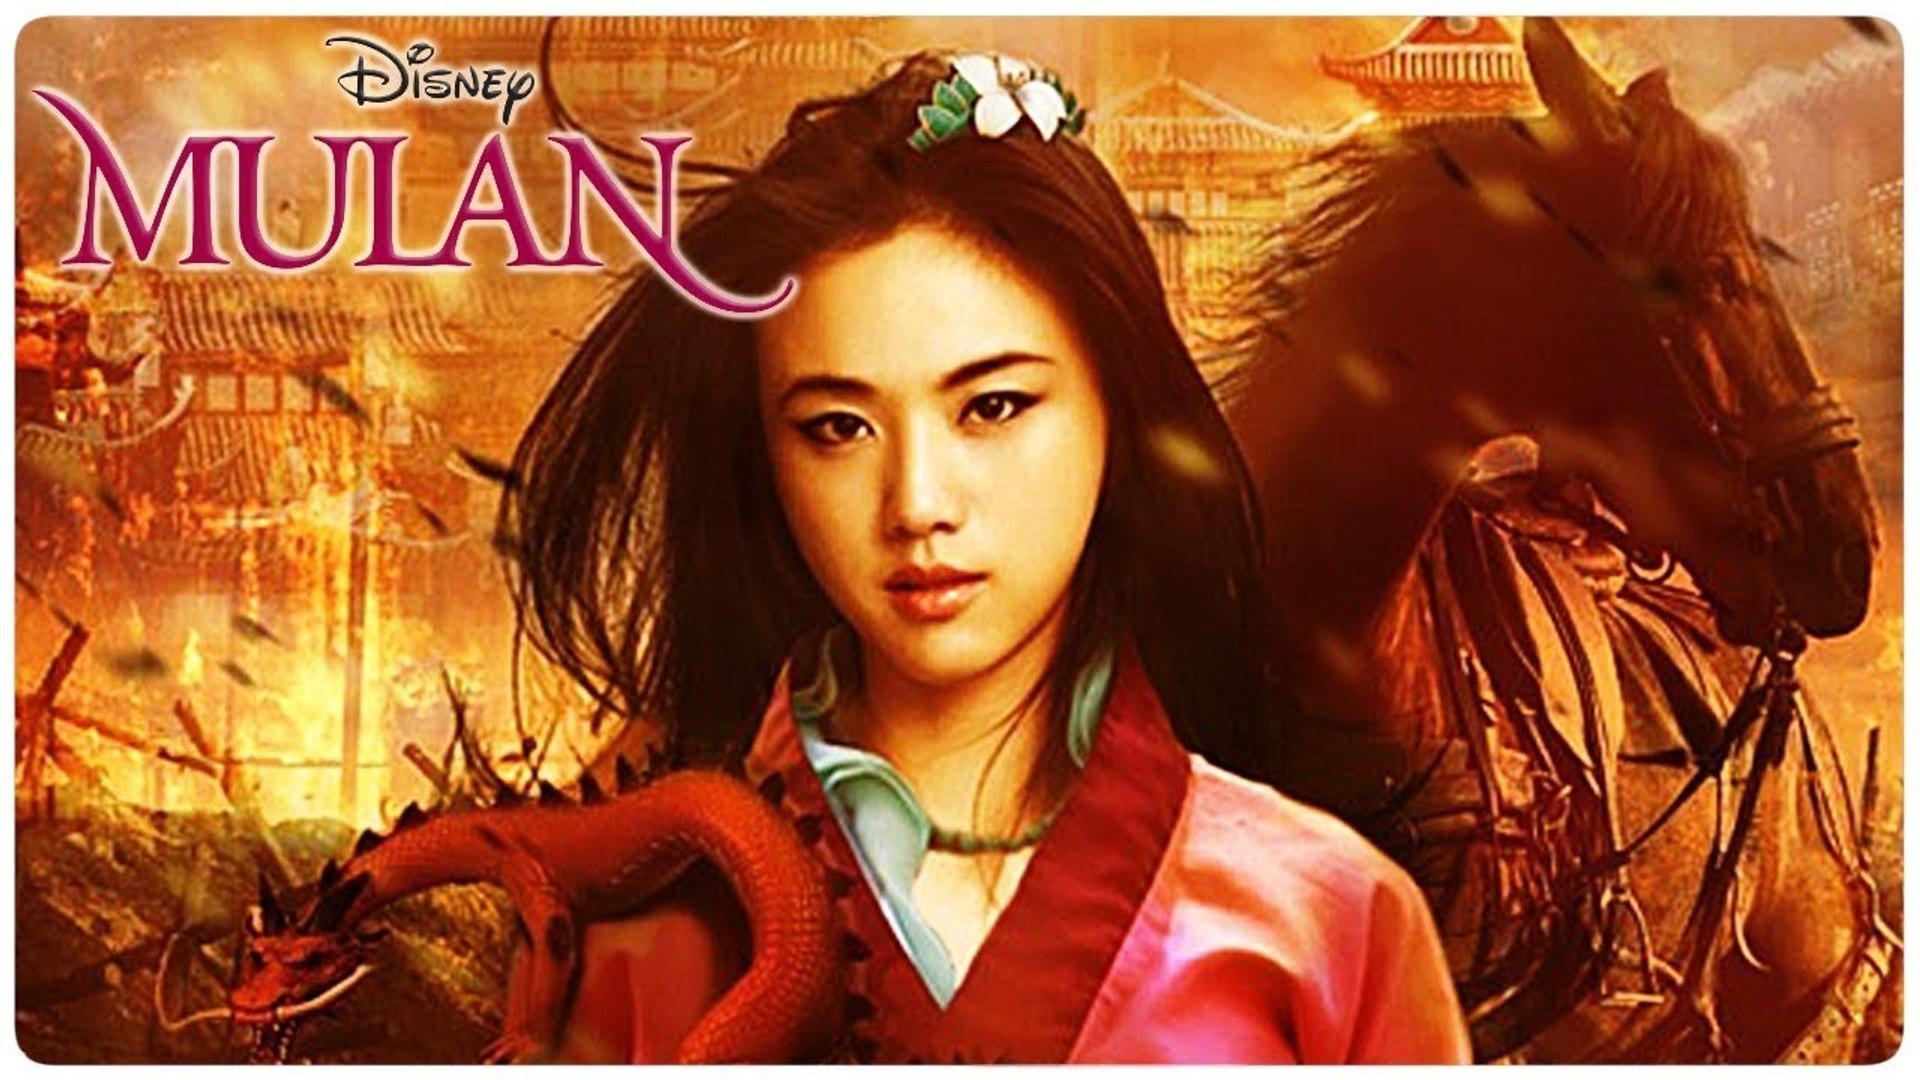 Mulan Trailer 03272020   video dailymotion 1920x1080